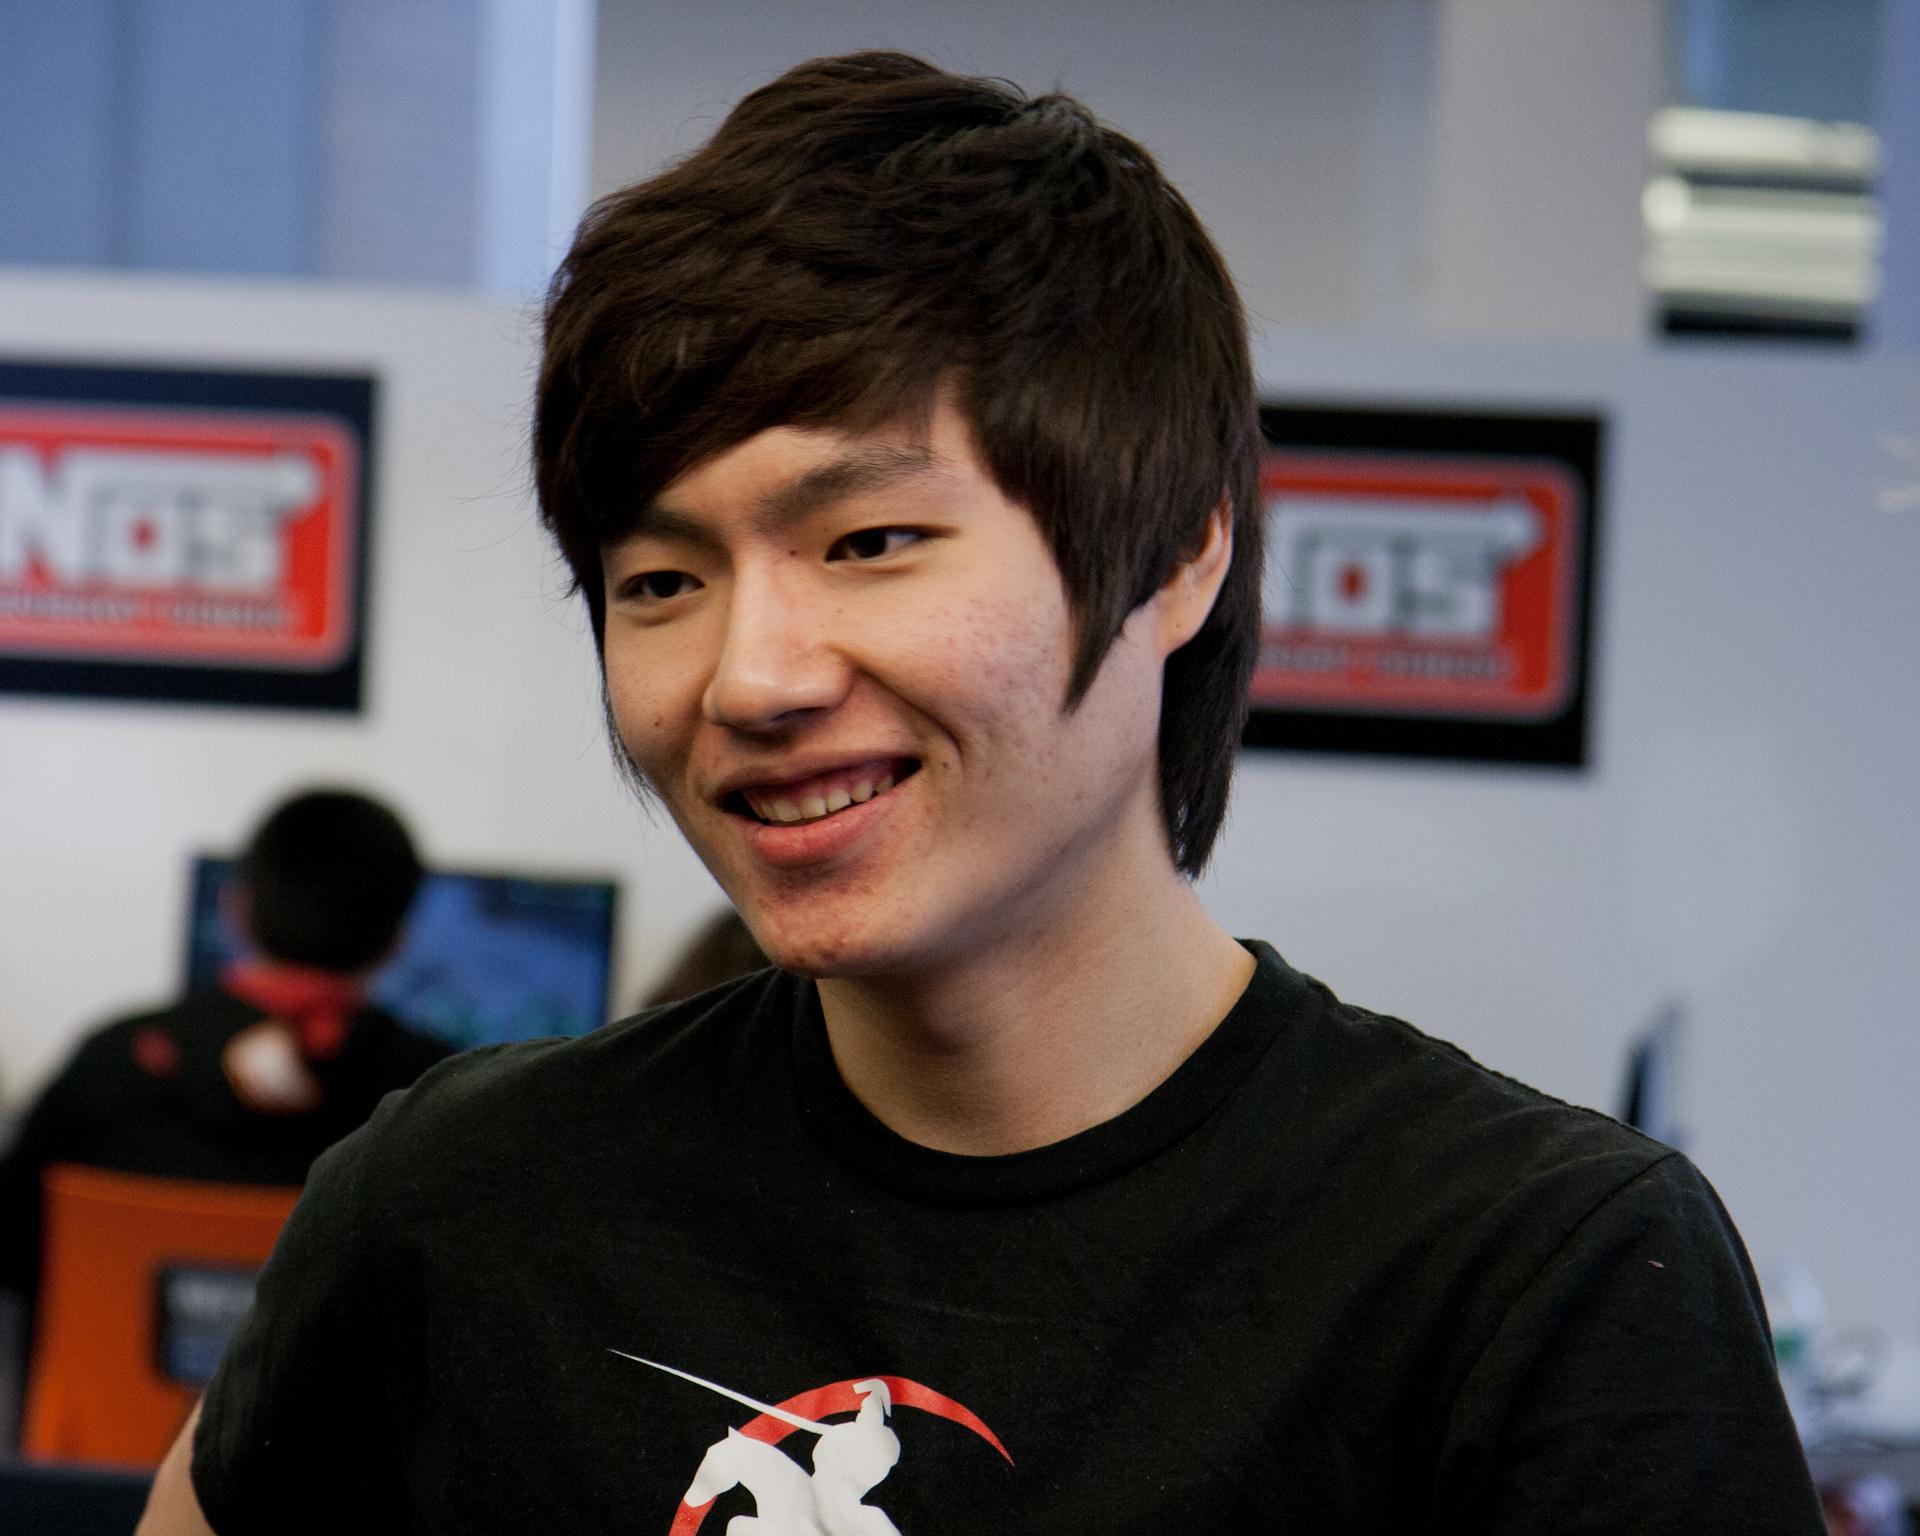 Itt az első sportolói vízummal rendelkező StarCraft-játékos